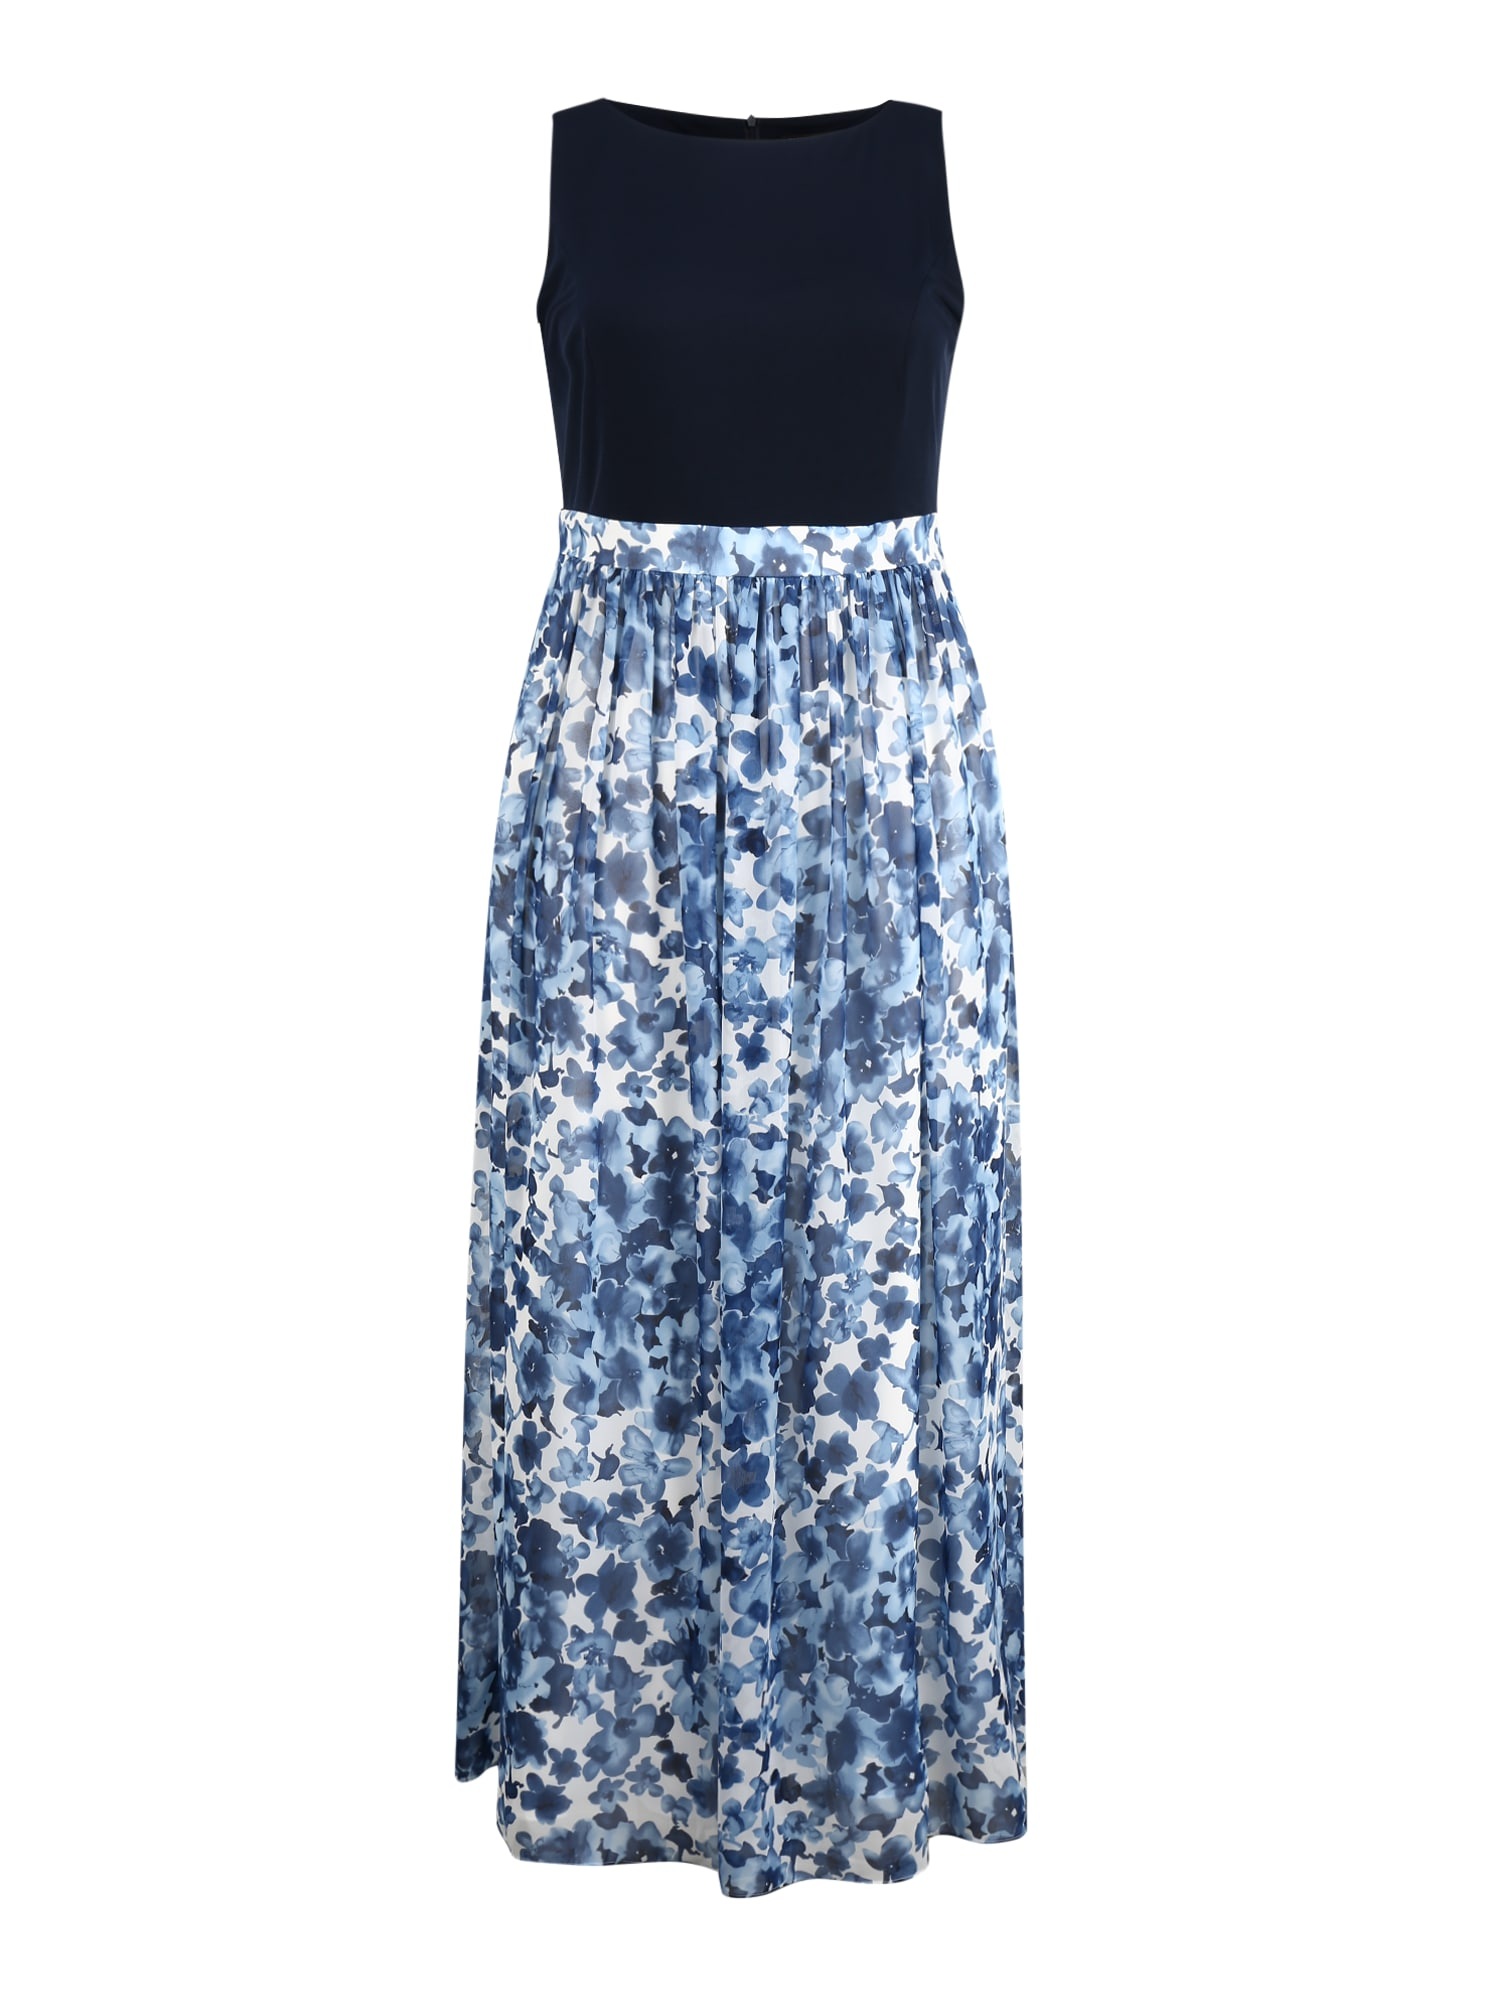 SWING Curve Suknelė kremo / tamsiai mėlyna jūros spalva